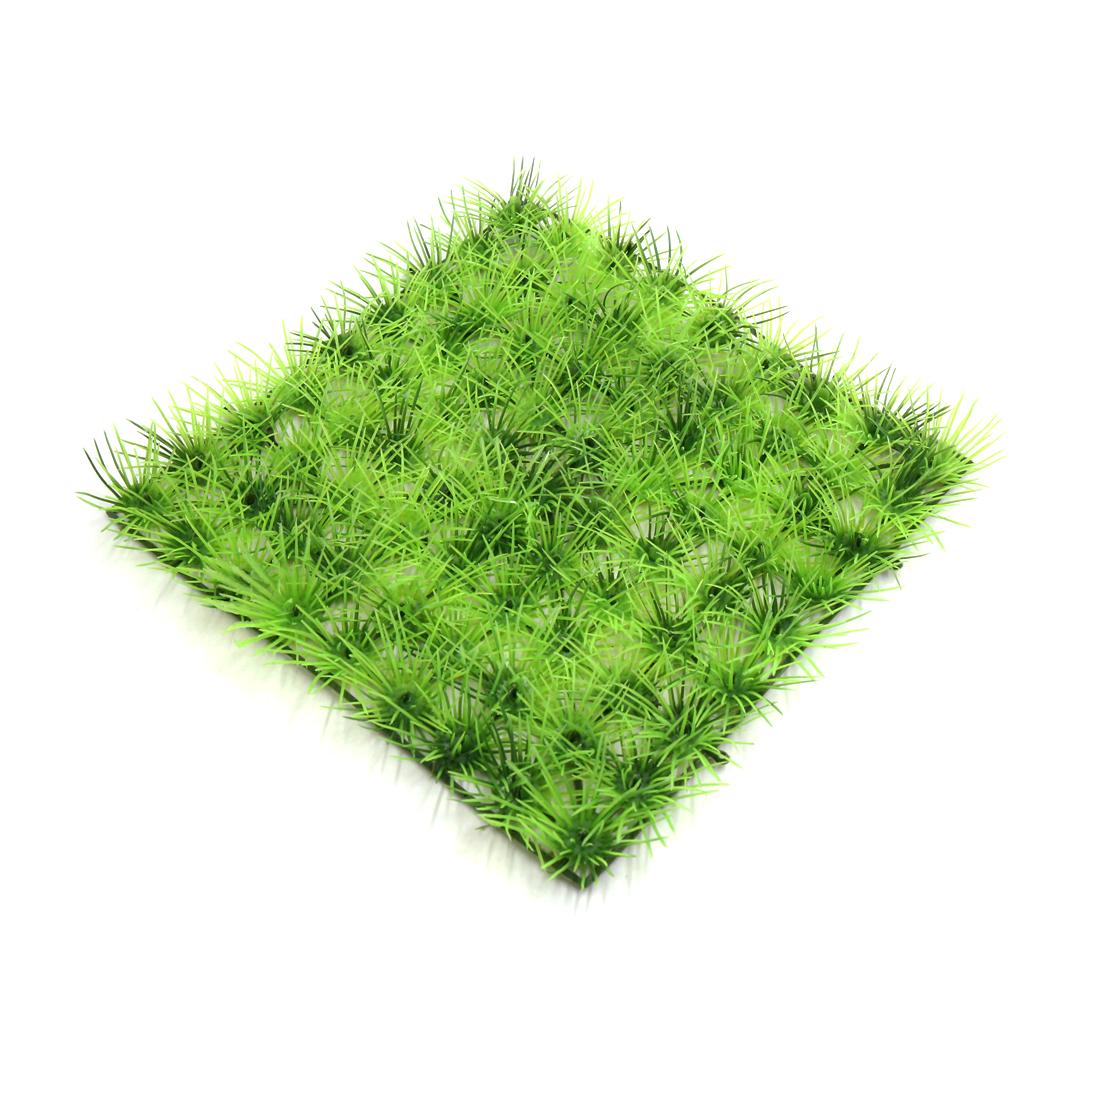 Green Plastic Grassland Lawn Aquarium Fish Tank Aquascape Ornament